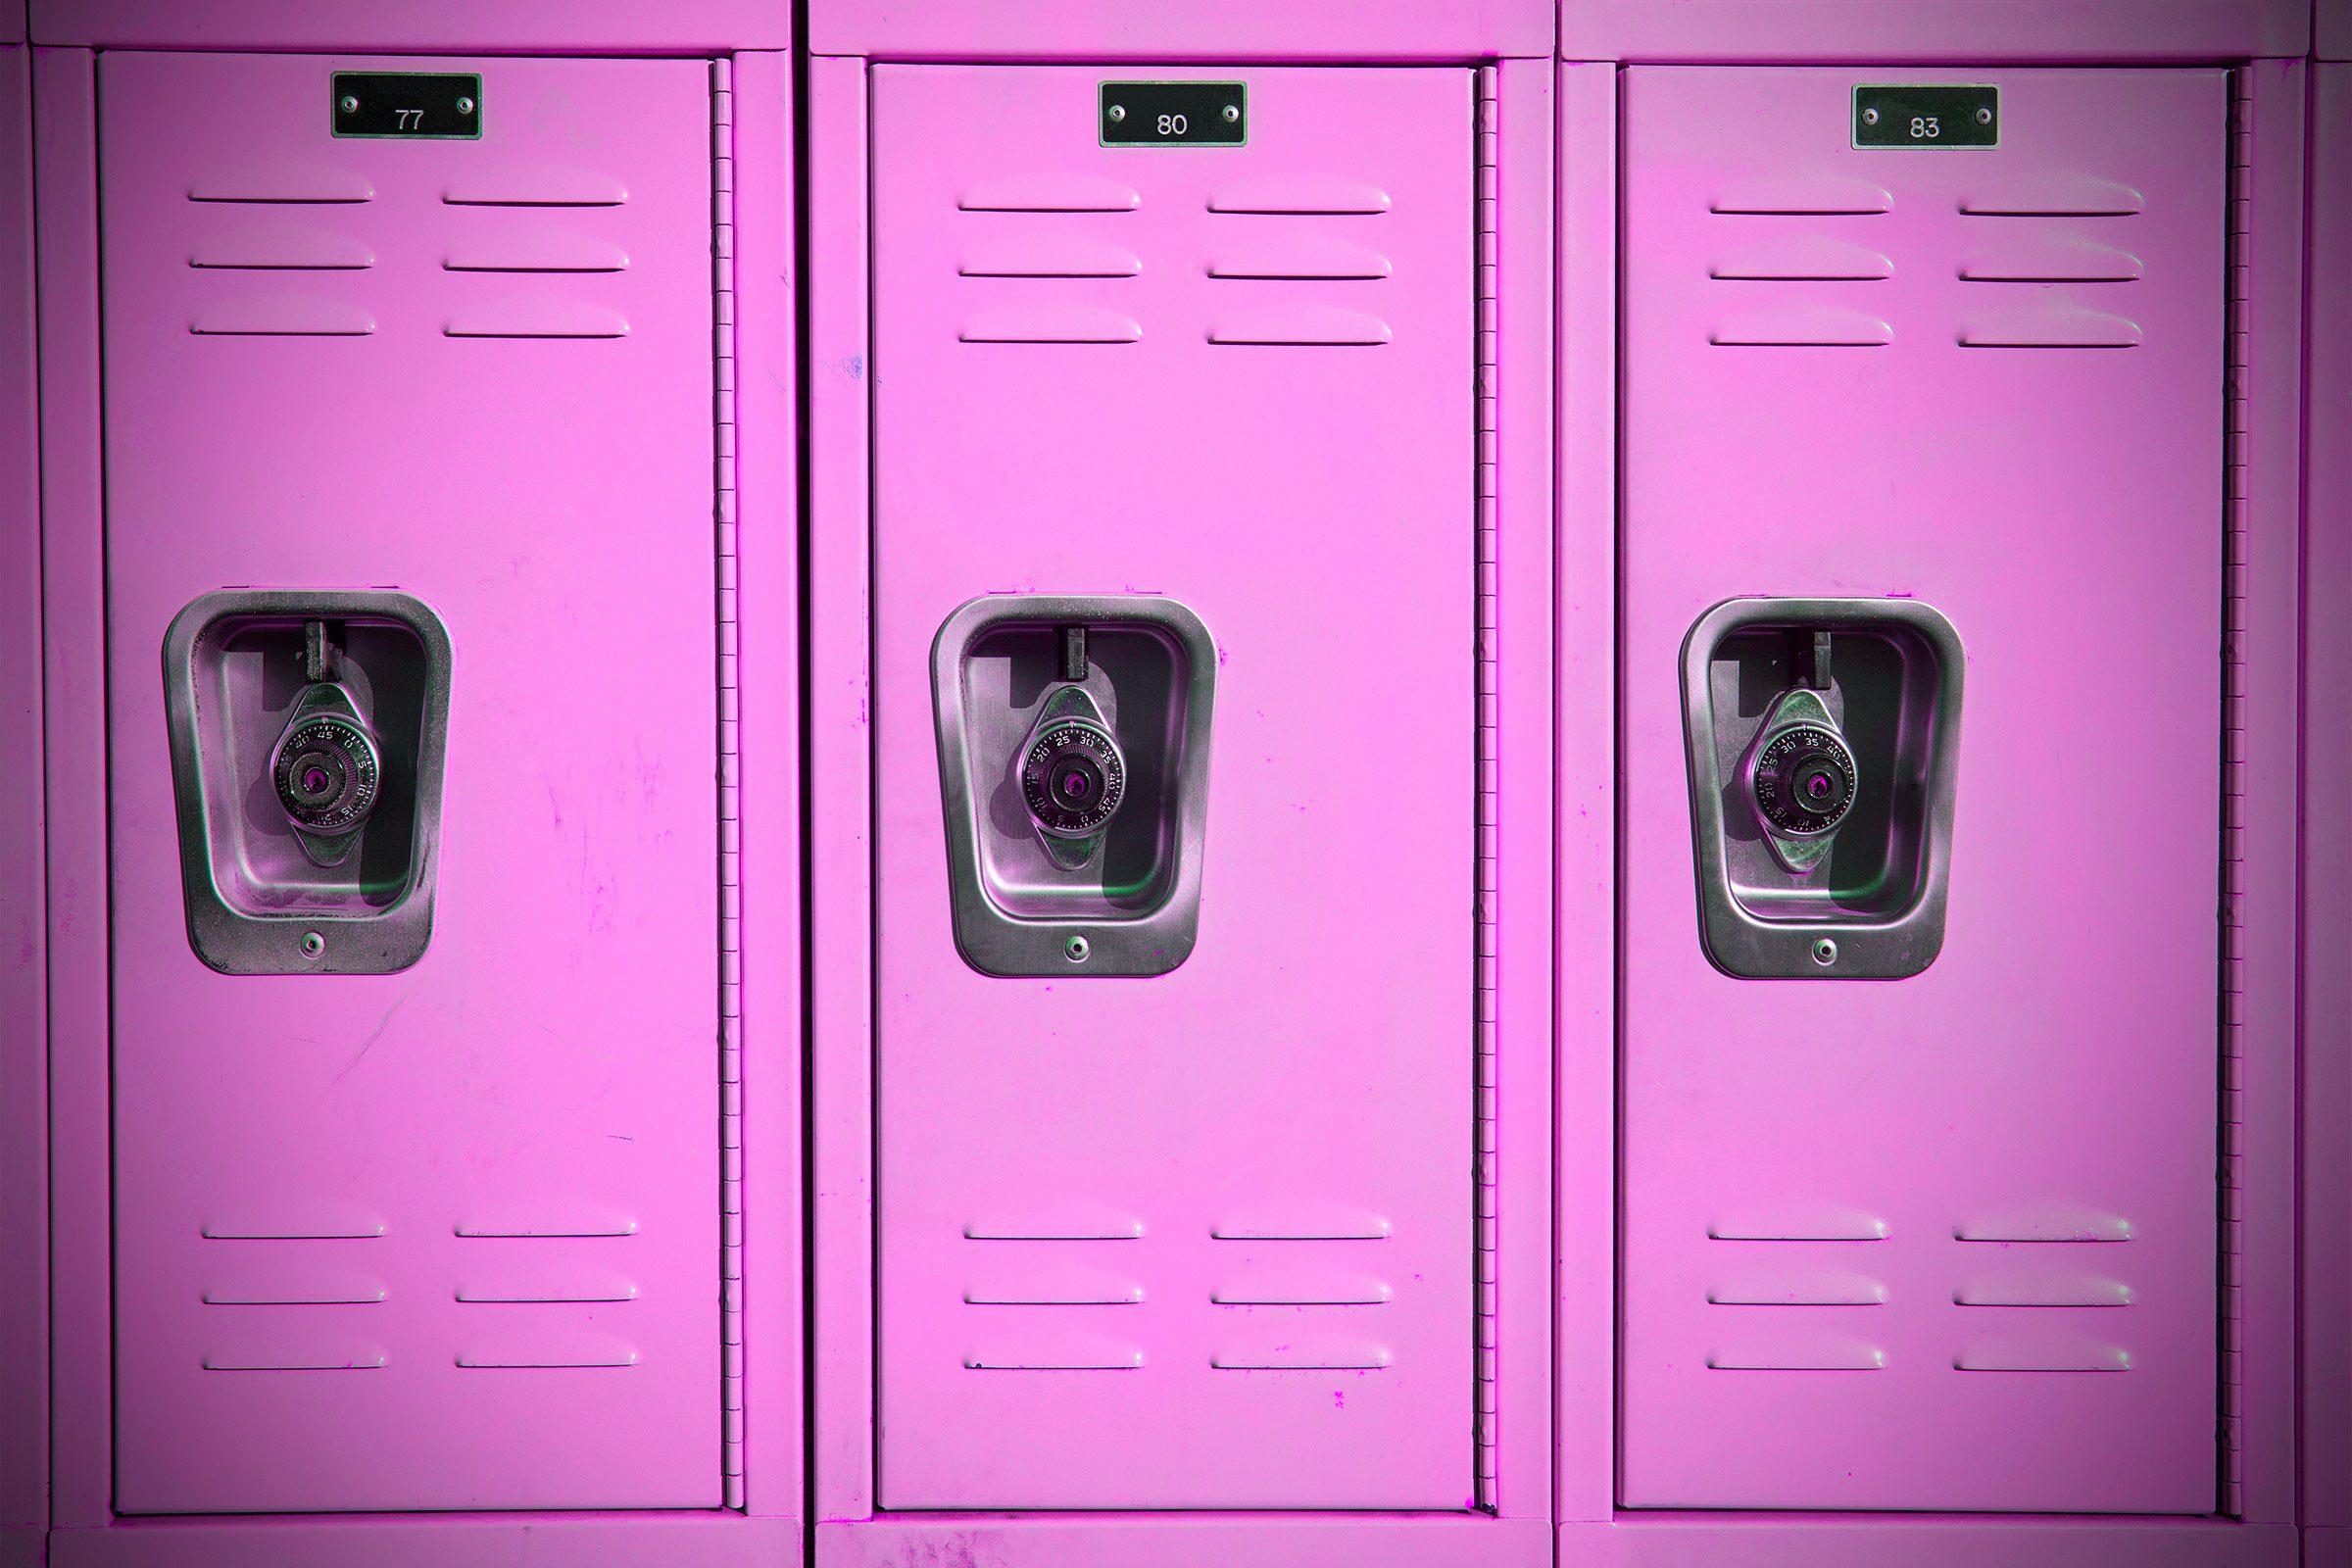 06-mind-tricks-pink-lockers